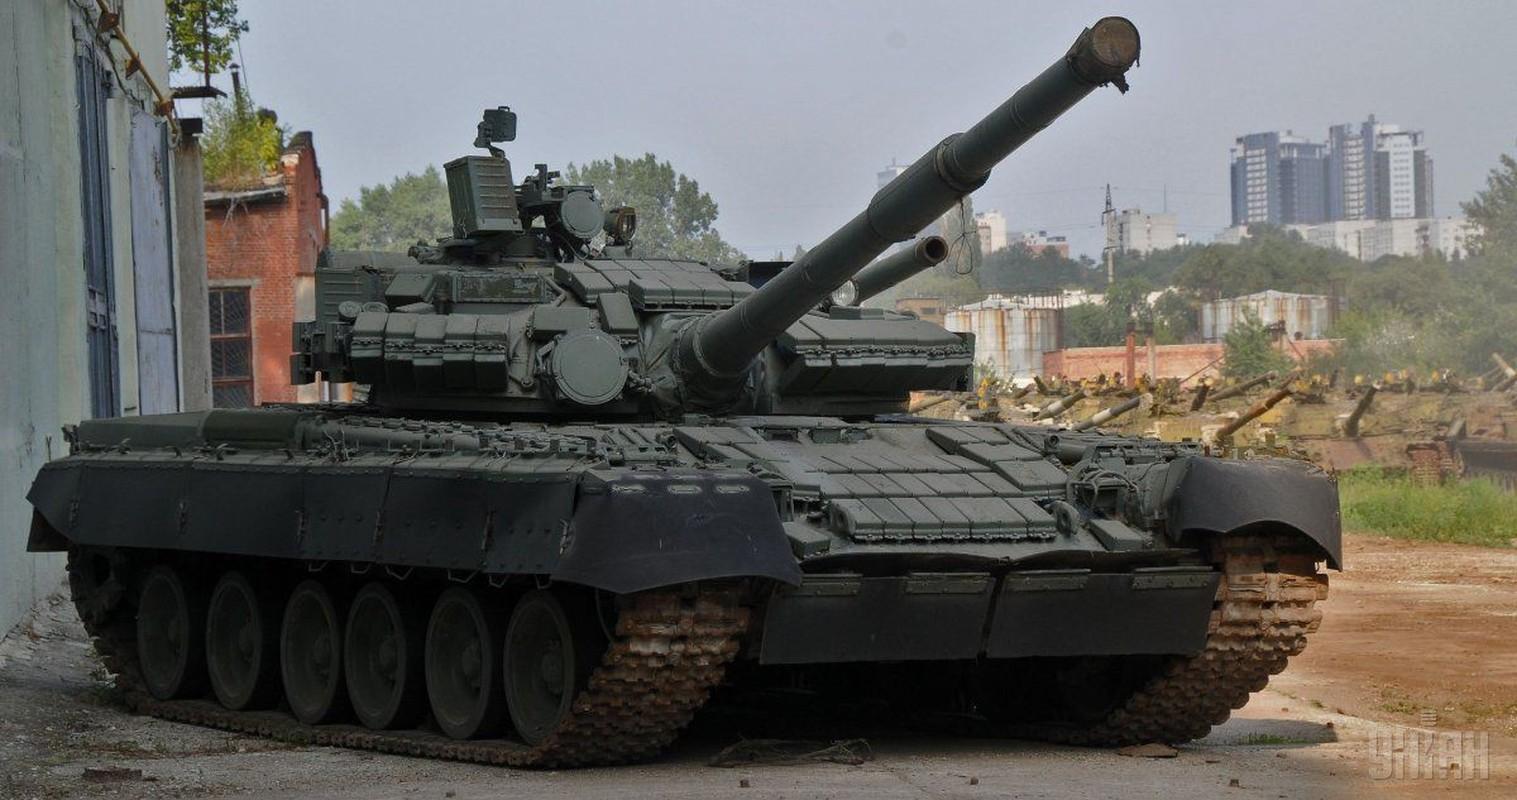 Vi sao loat thiet giap Ukraine che tu tang T-80 bi chon vui mai mai-Hinh-11